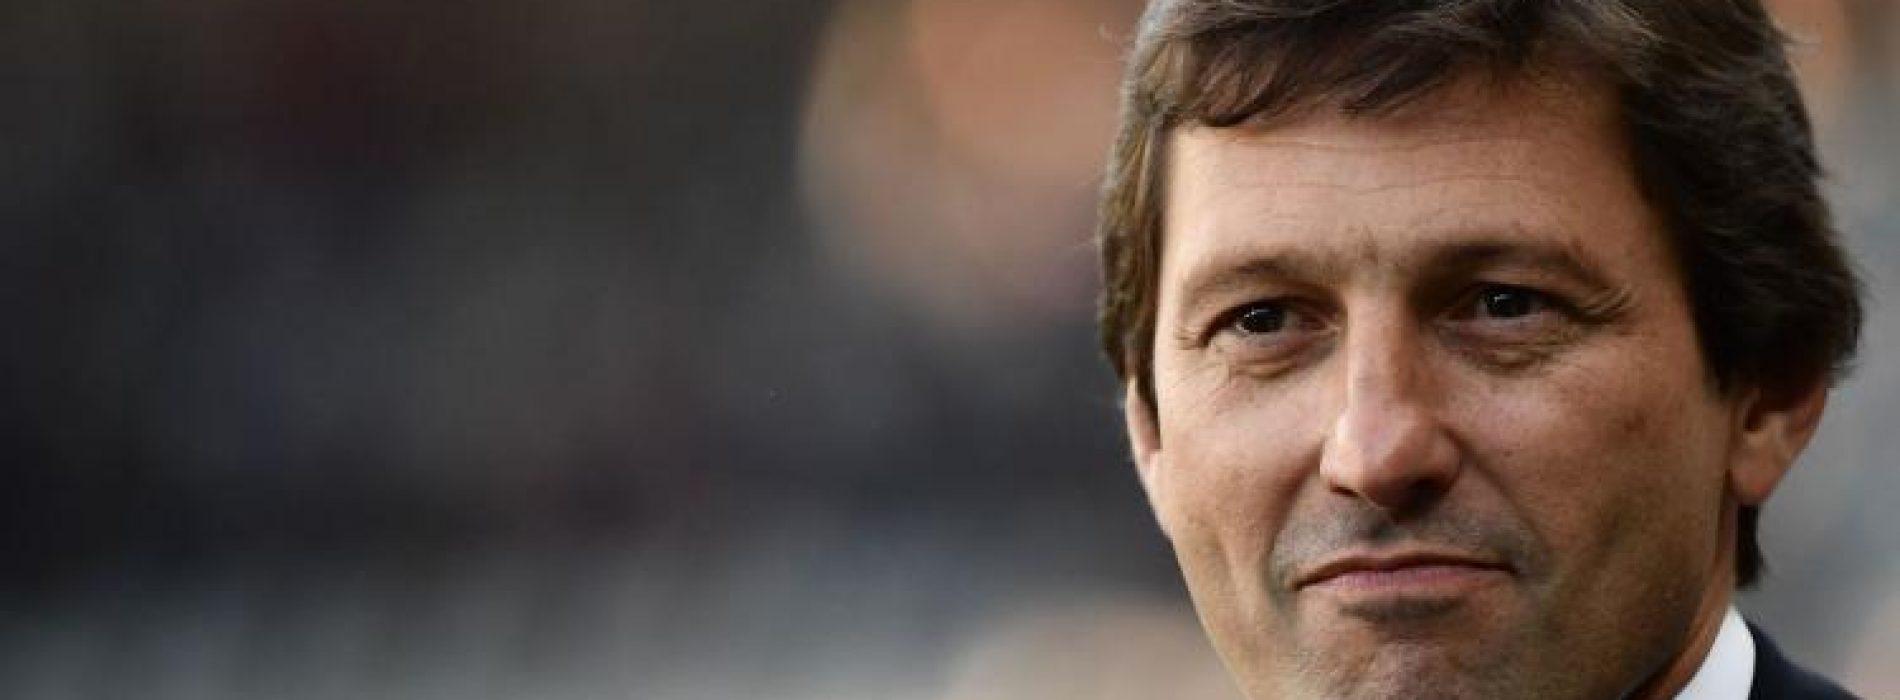 Milan, Leonardo rassegna le dimissioni dal ruolo di ds